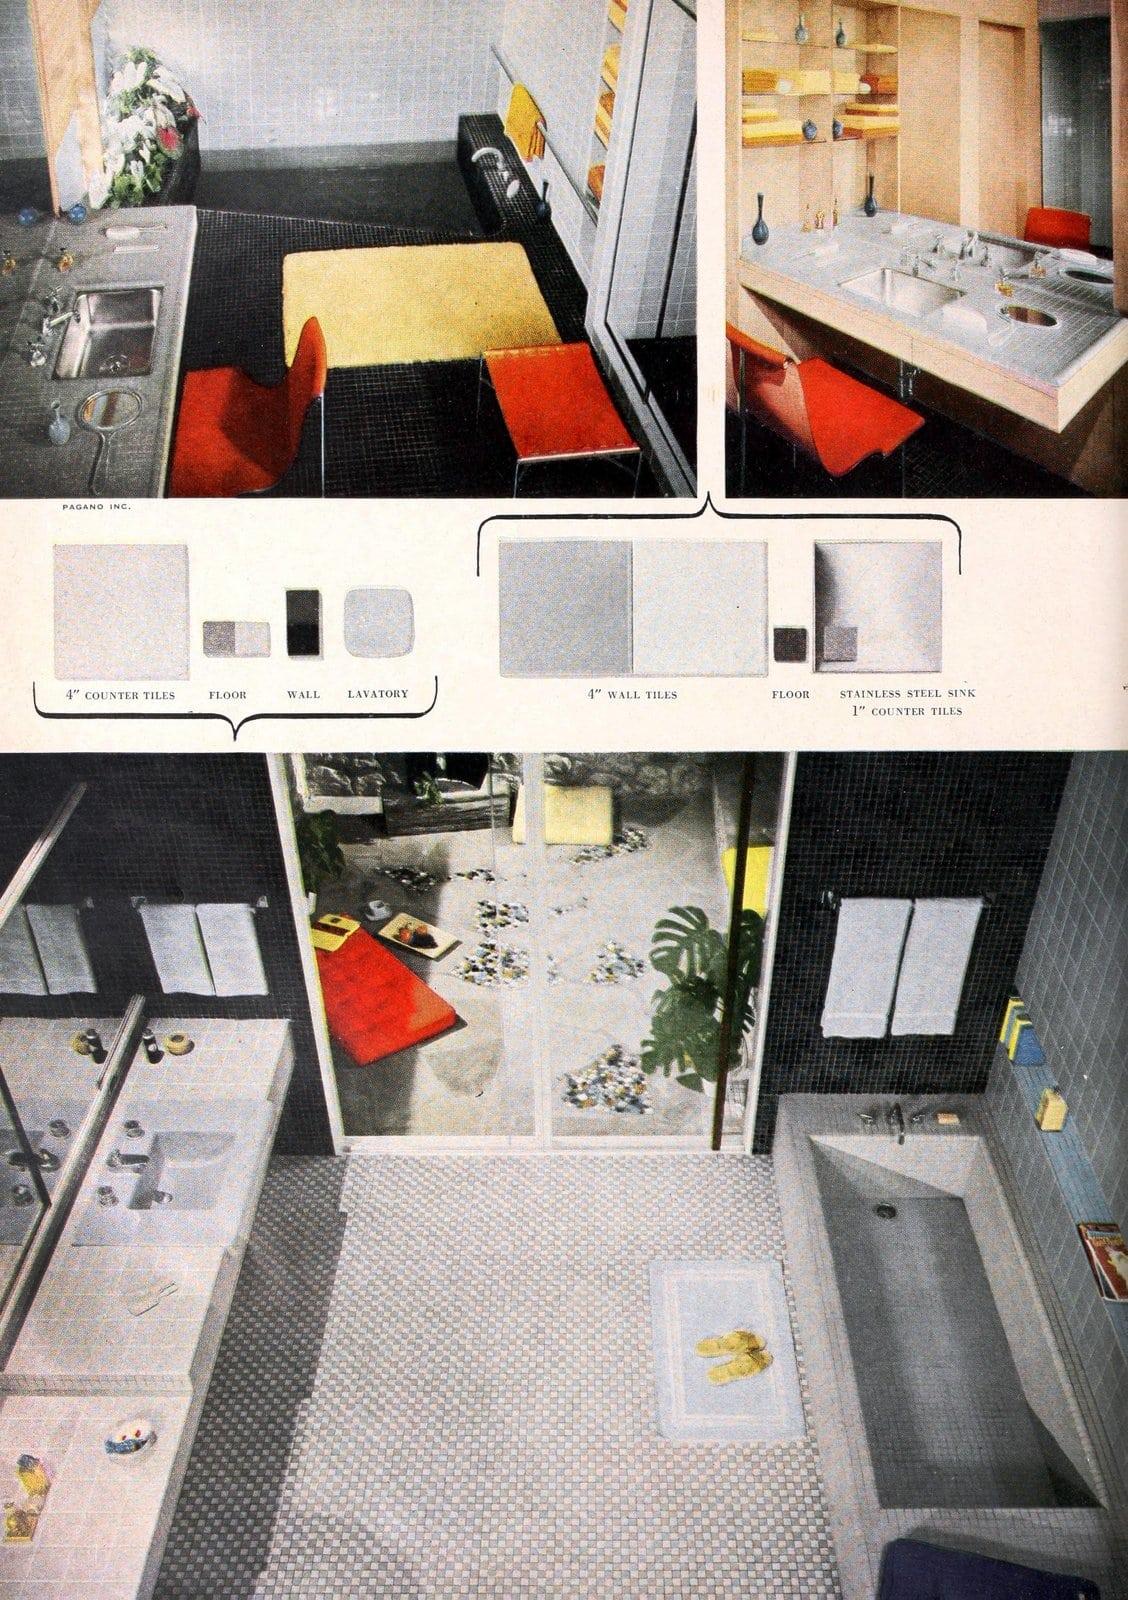 Retro fifties grey bathroom tile designs (1955)